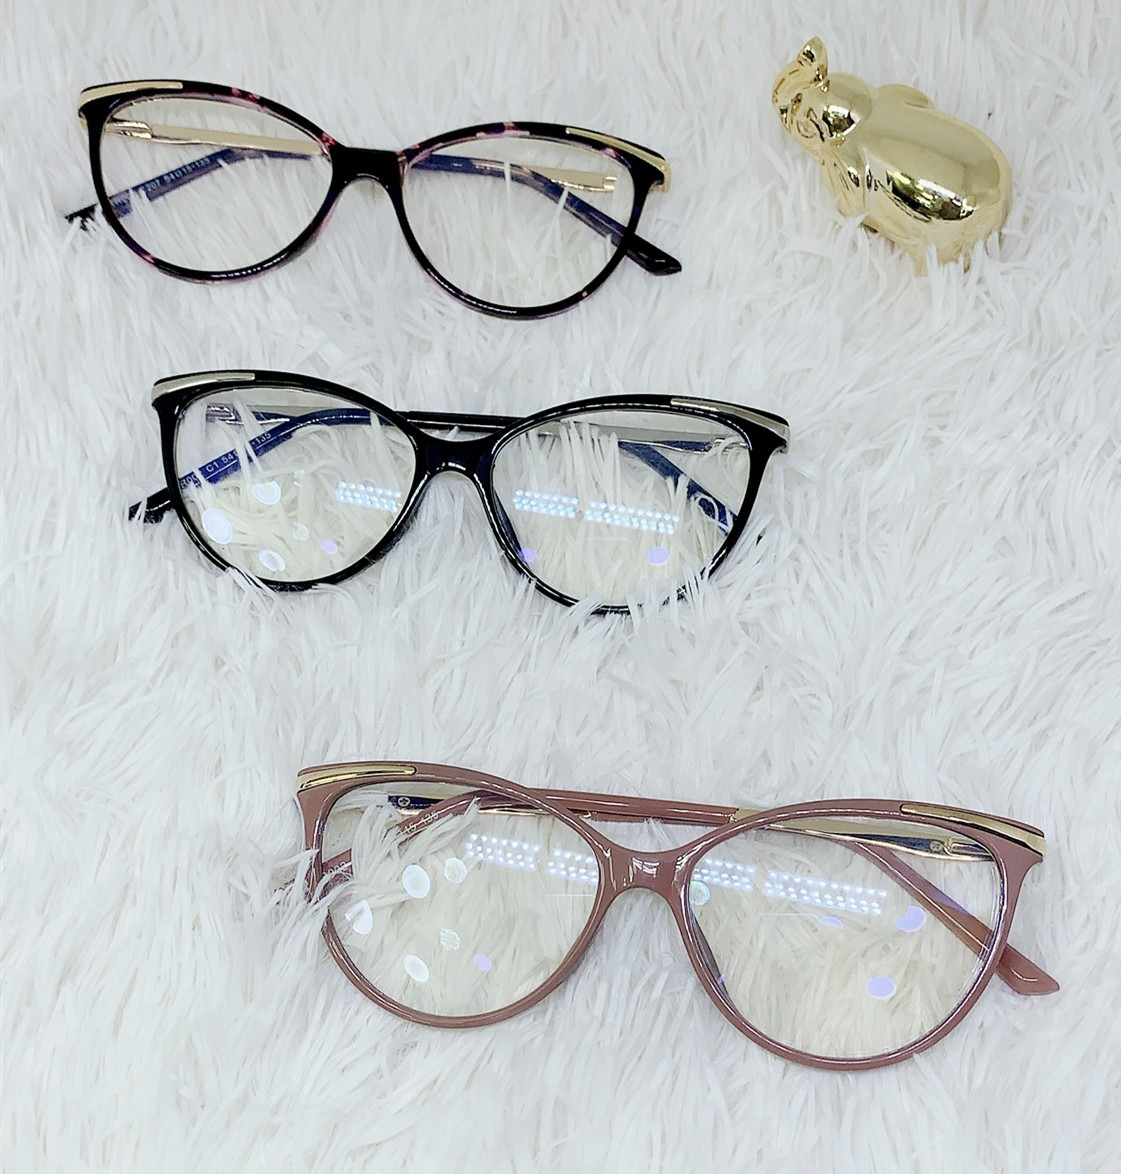 9930fd4b51569 Oculos Armacao Feminino Quadrado Cor Variado - R  94